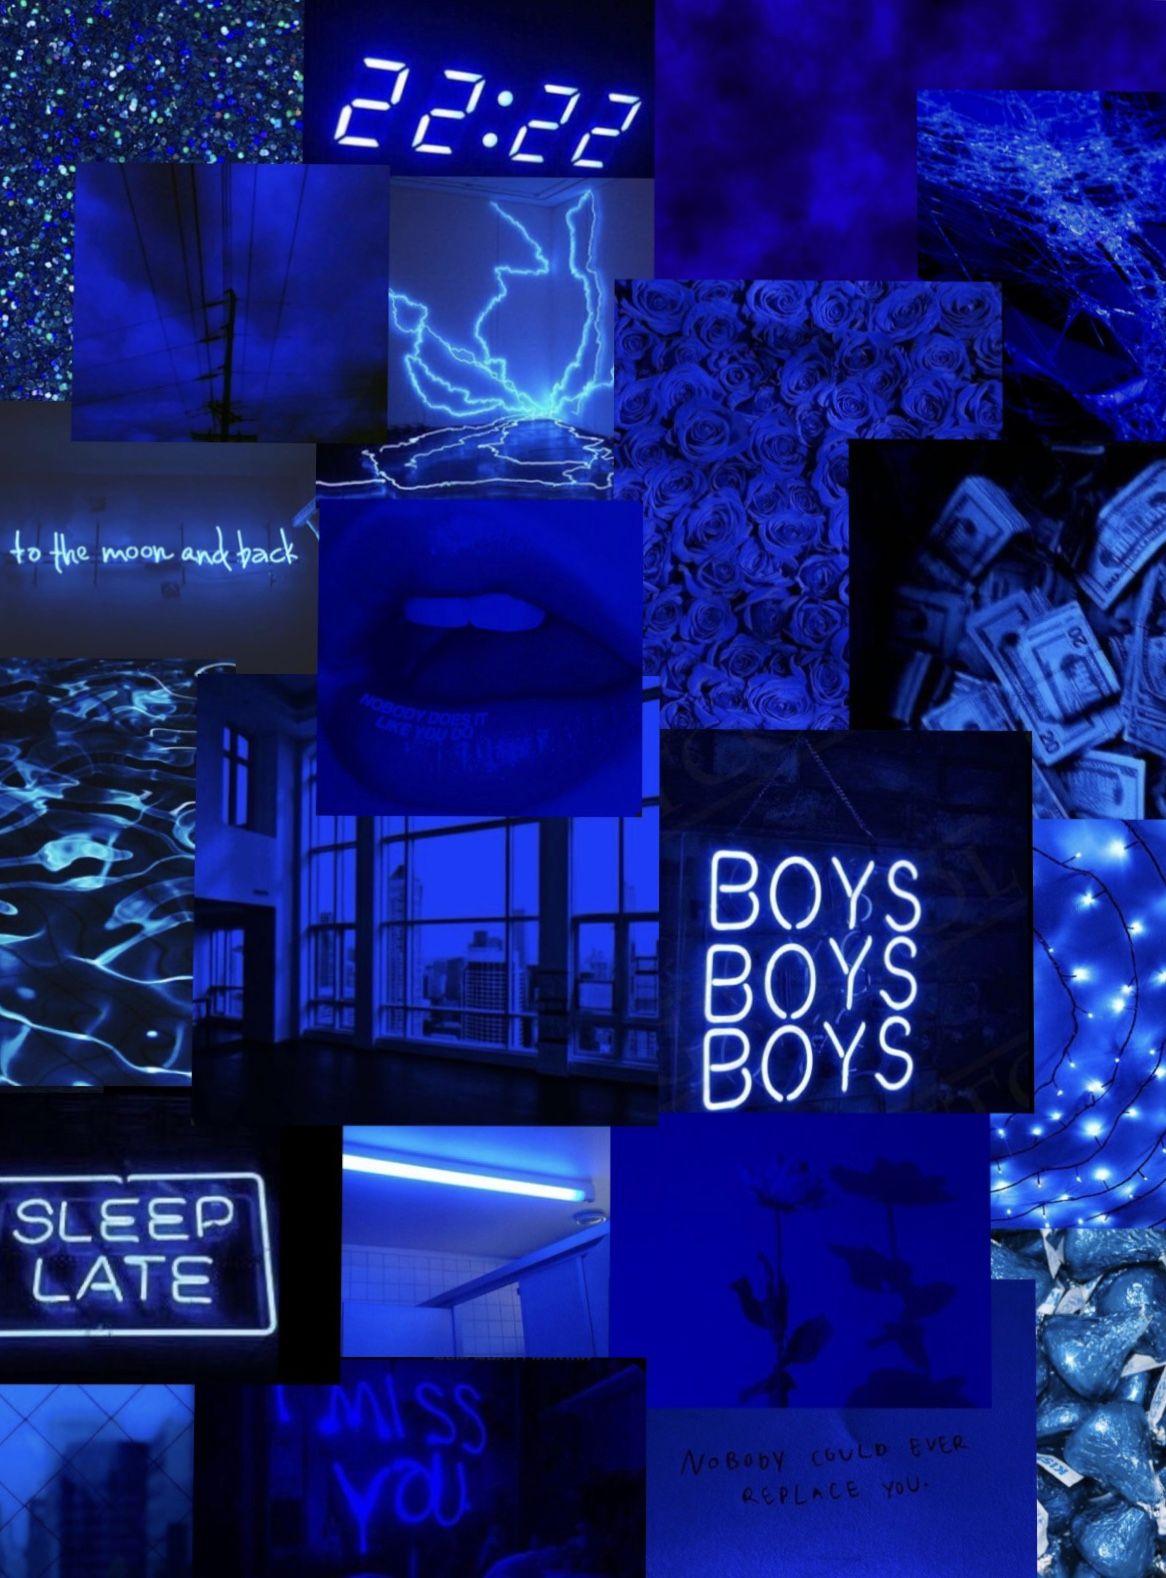 Dark Blue Collage Dark Wallpaper Iphone Royal Blue Wallpaper Aesthetic Iphone Wallpaper